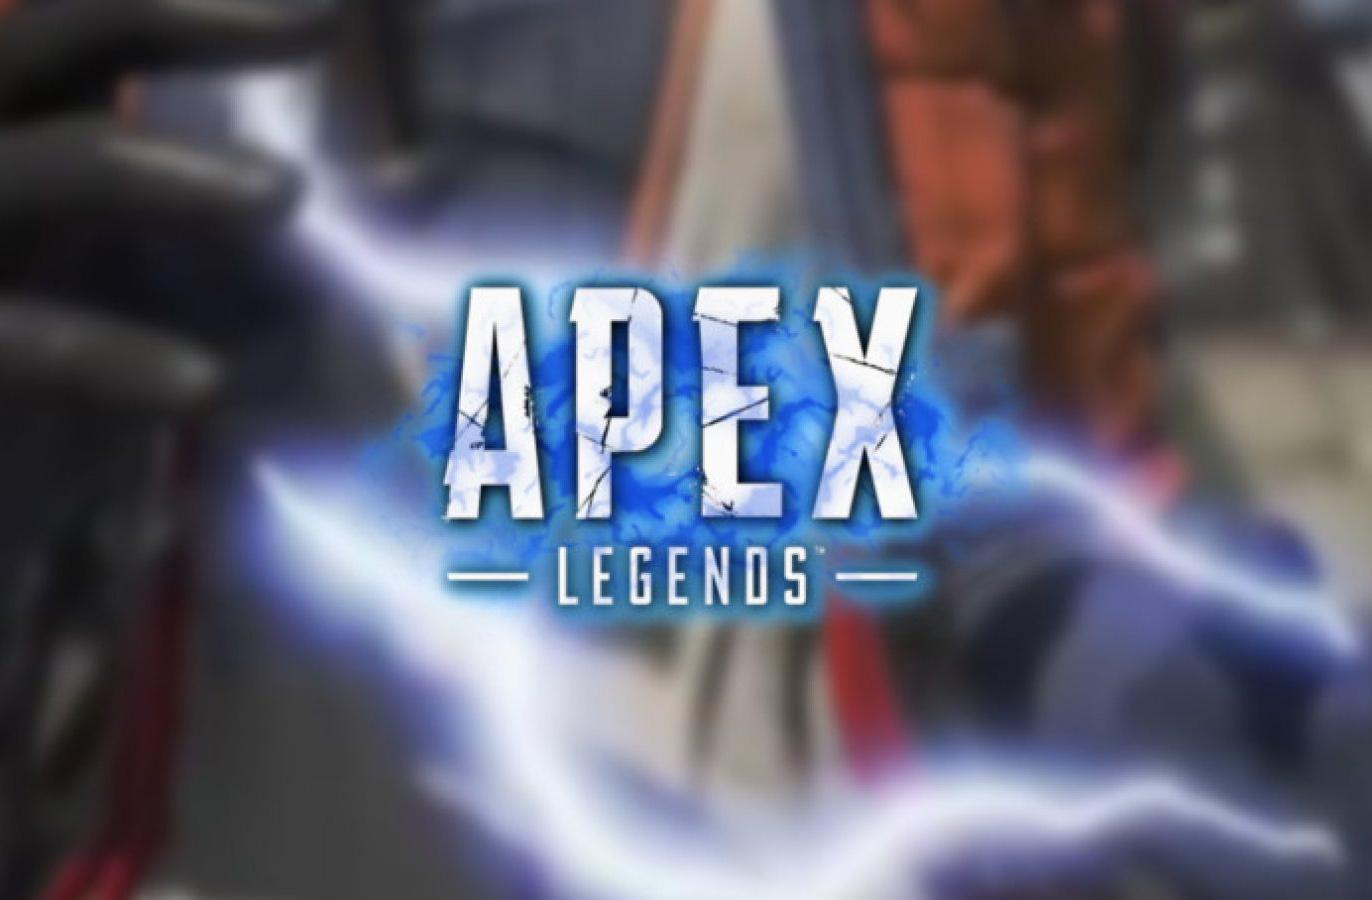 وجود یک هیولای ناشناخته در تریلر عنوان Apex Legends: Season 2 + تریلر